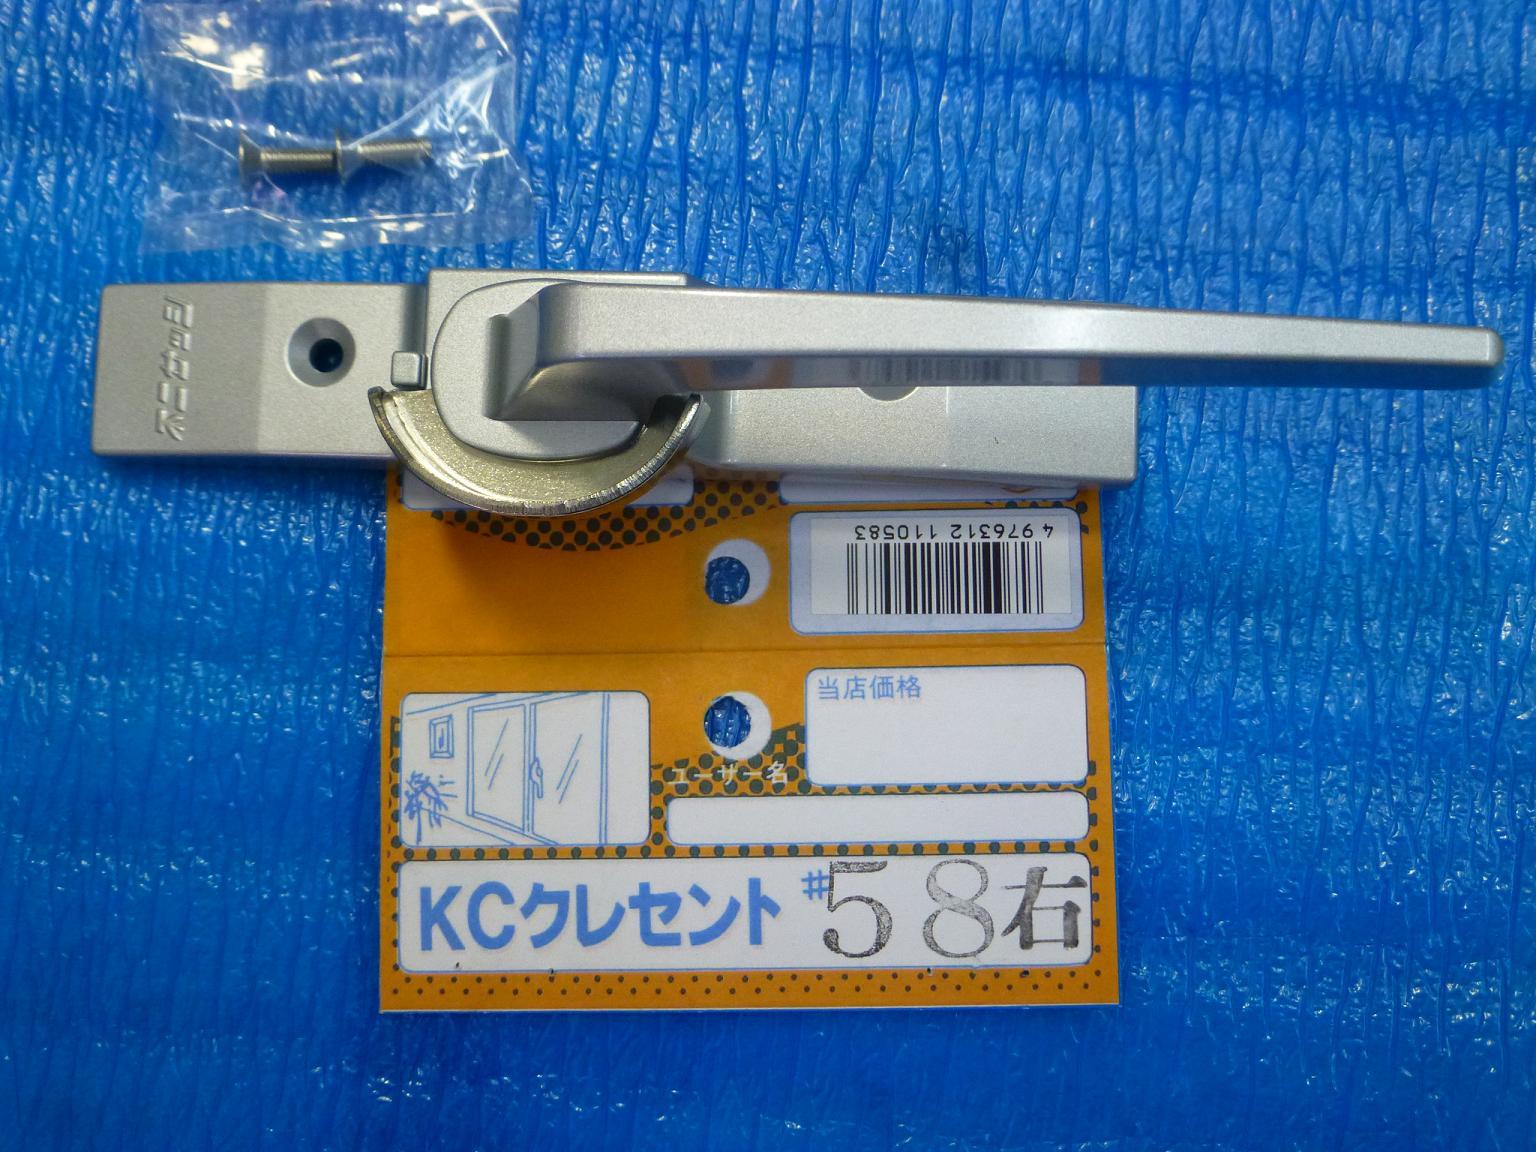 クレセント(KC-58) 右 不二サッシ 11058-3 R=18.5